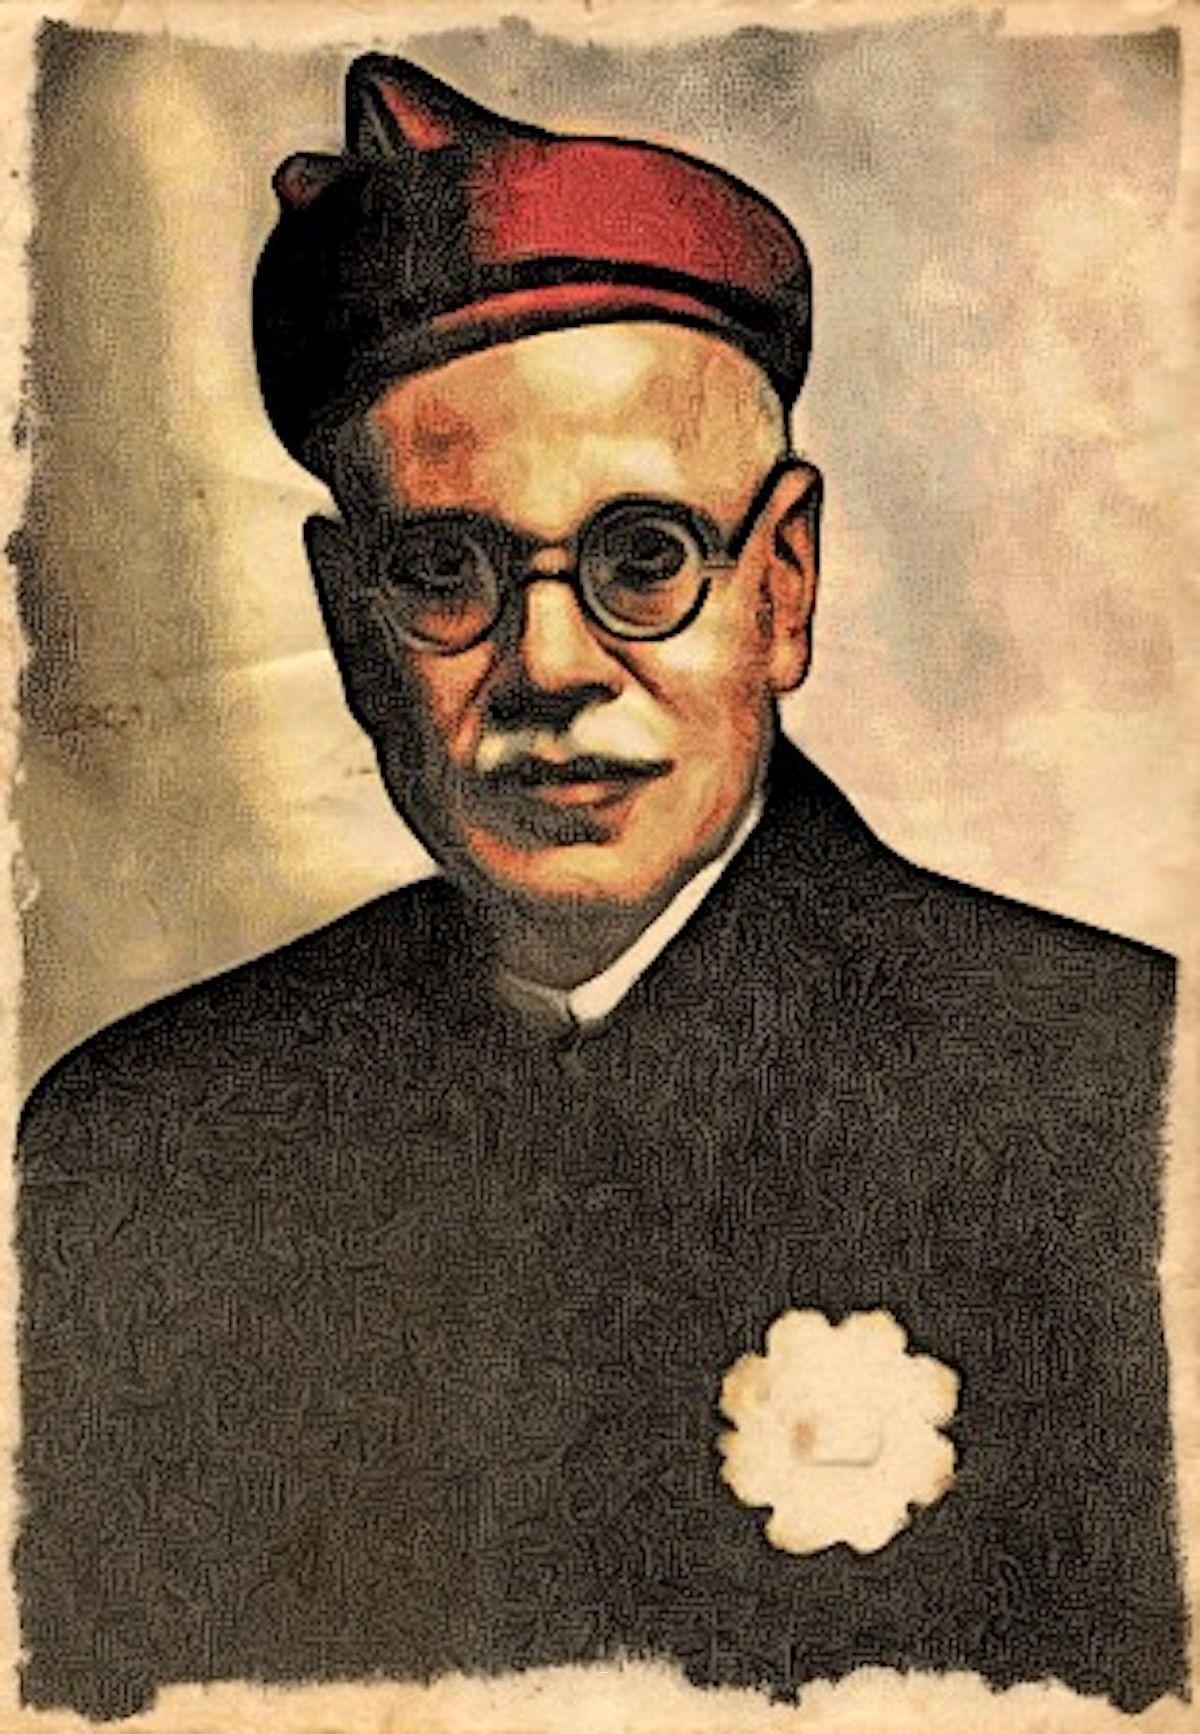 P.V. Kane